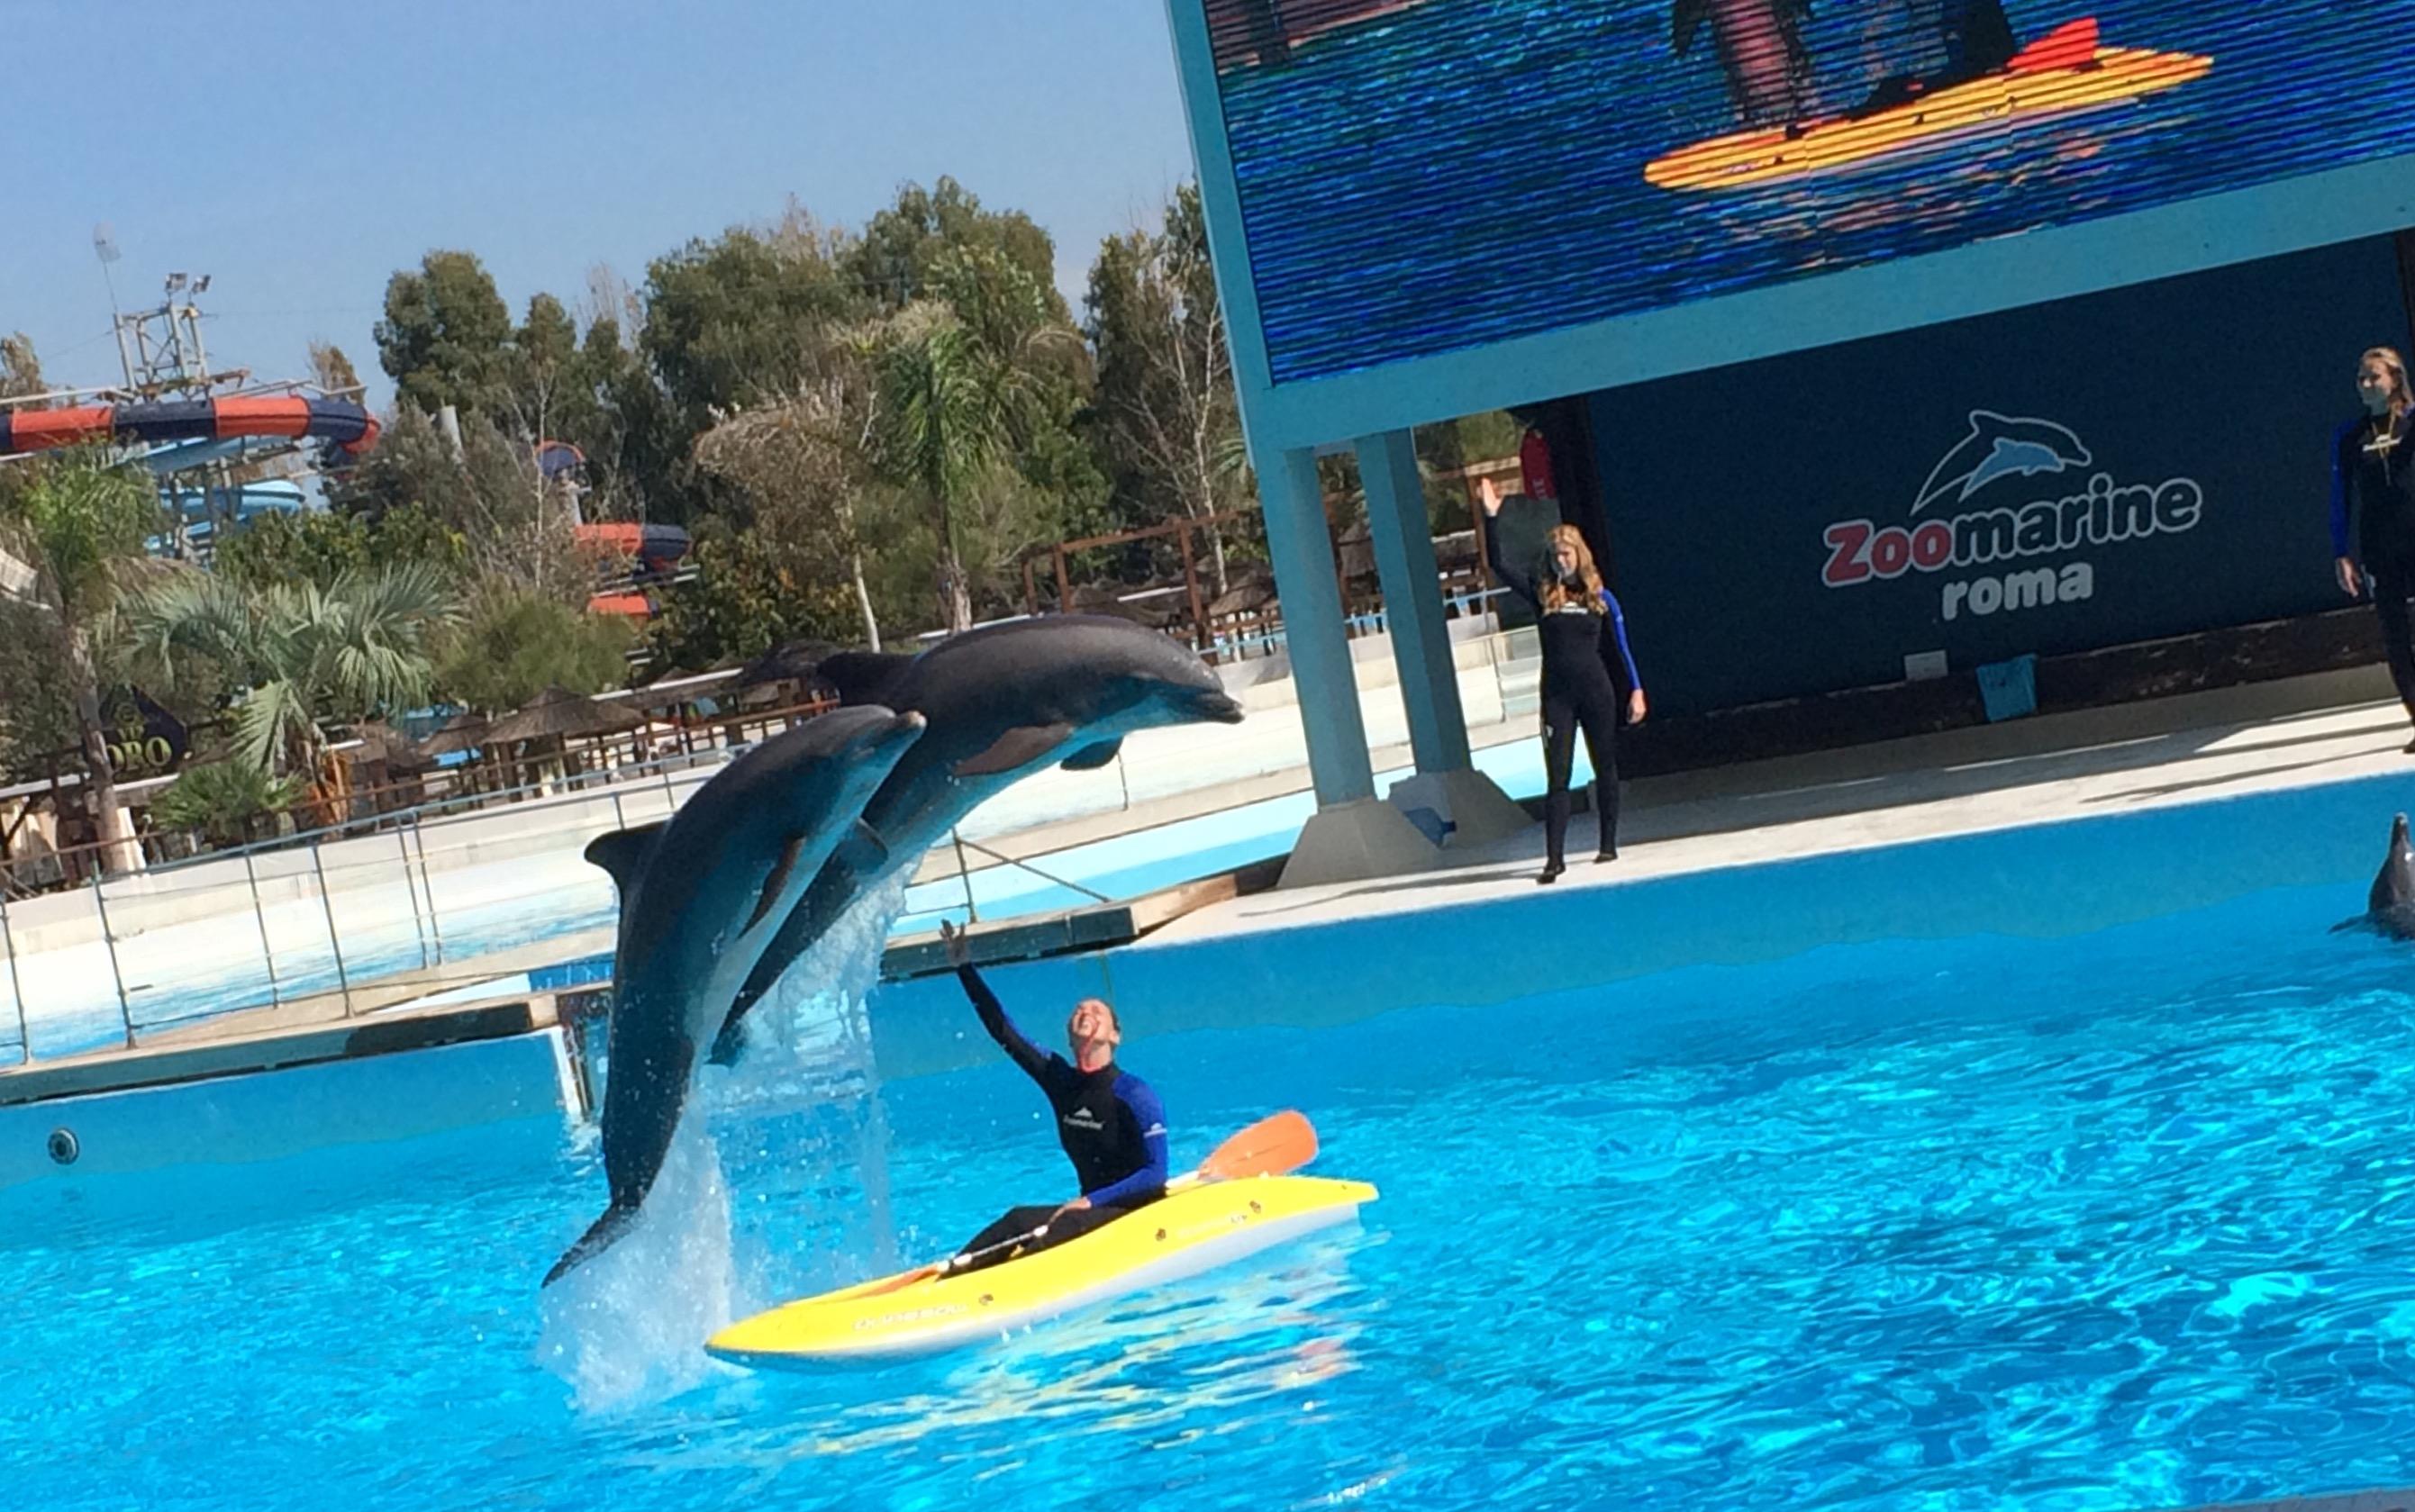 adesso gioco zoo marine gratis